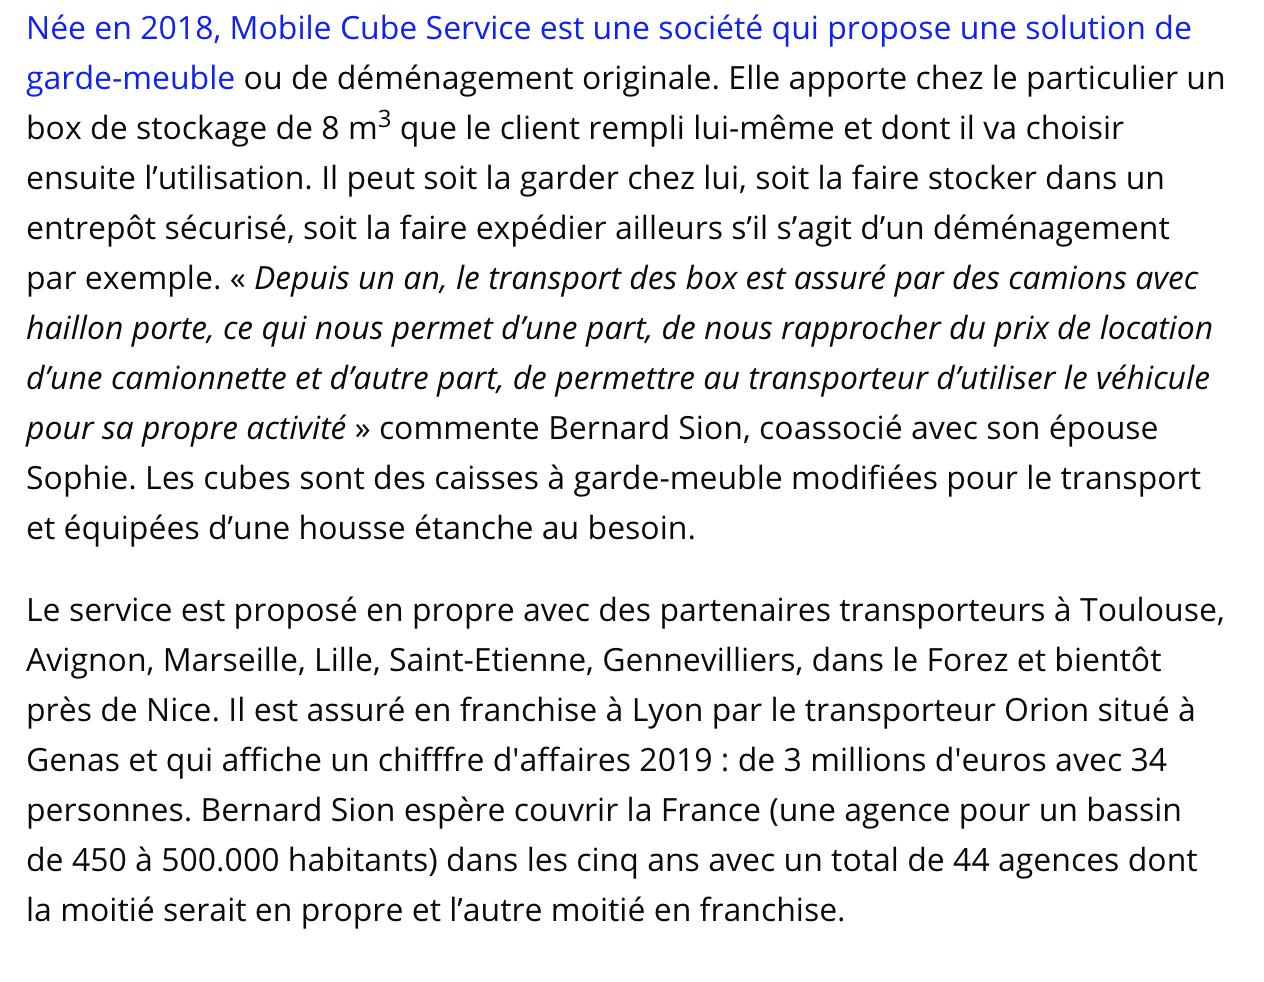 Article presse Mobile Cube Service